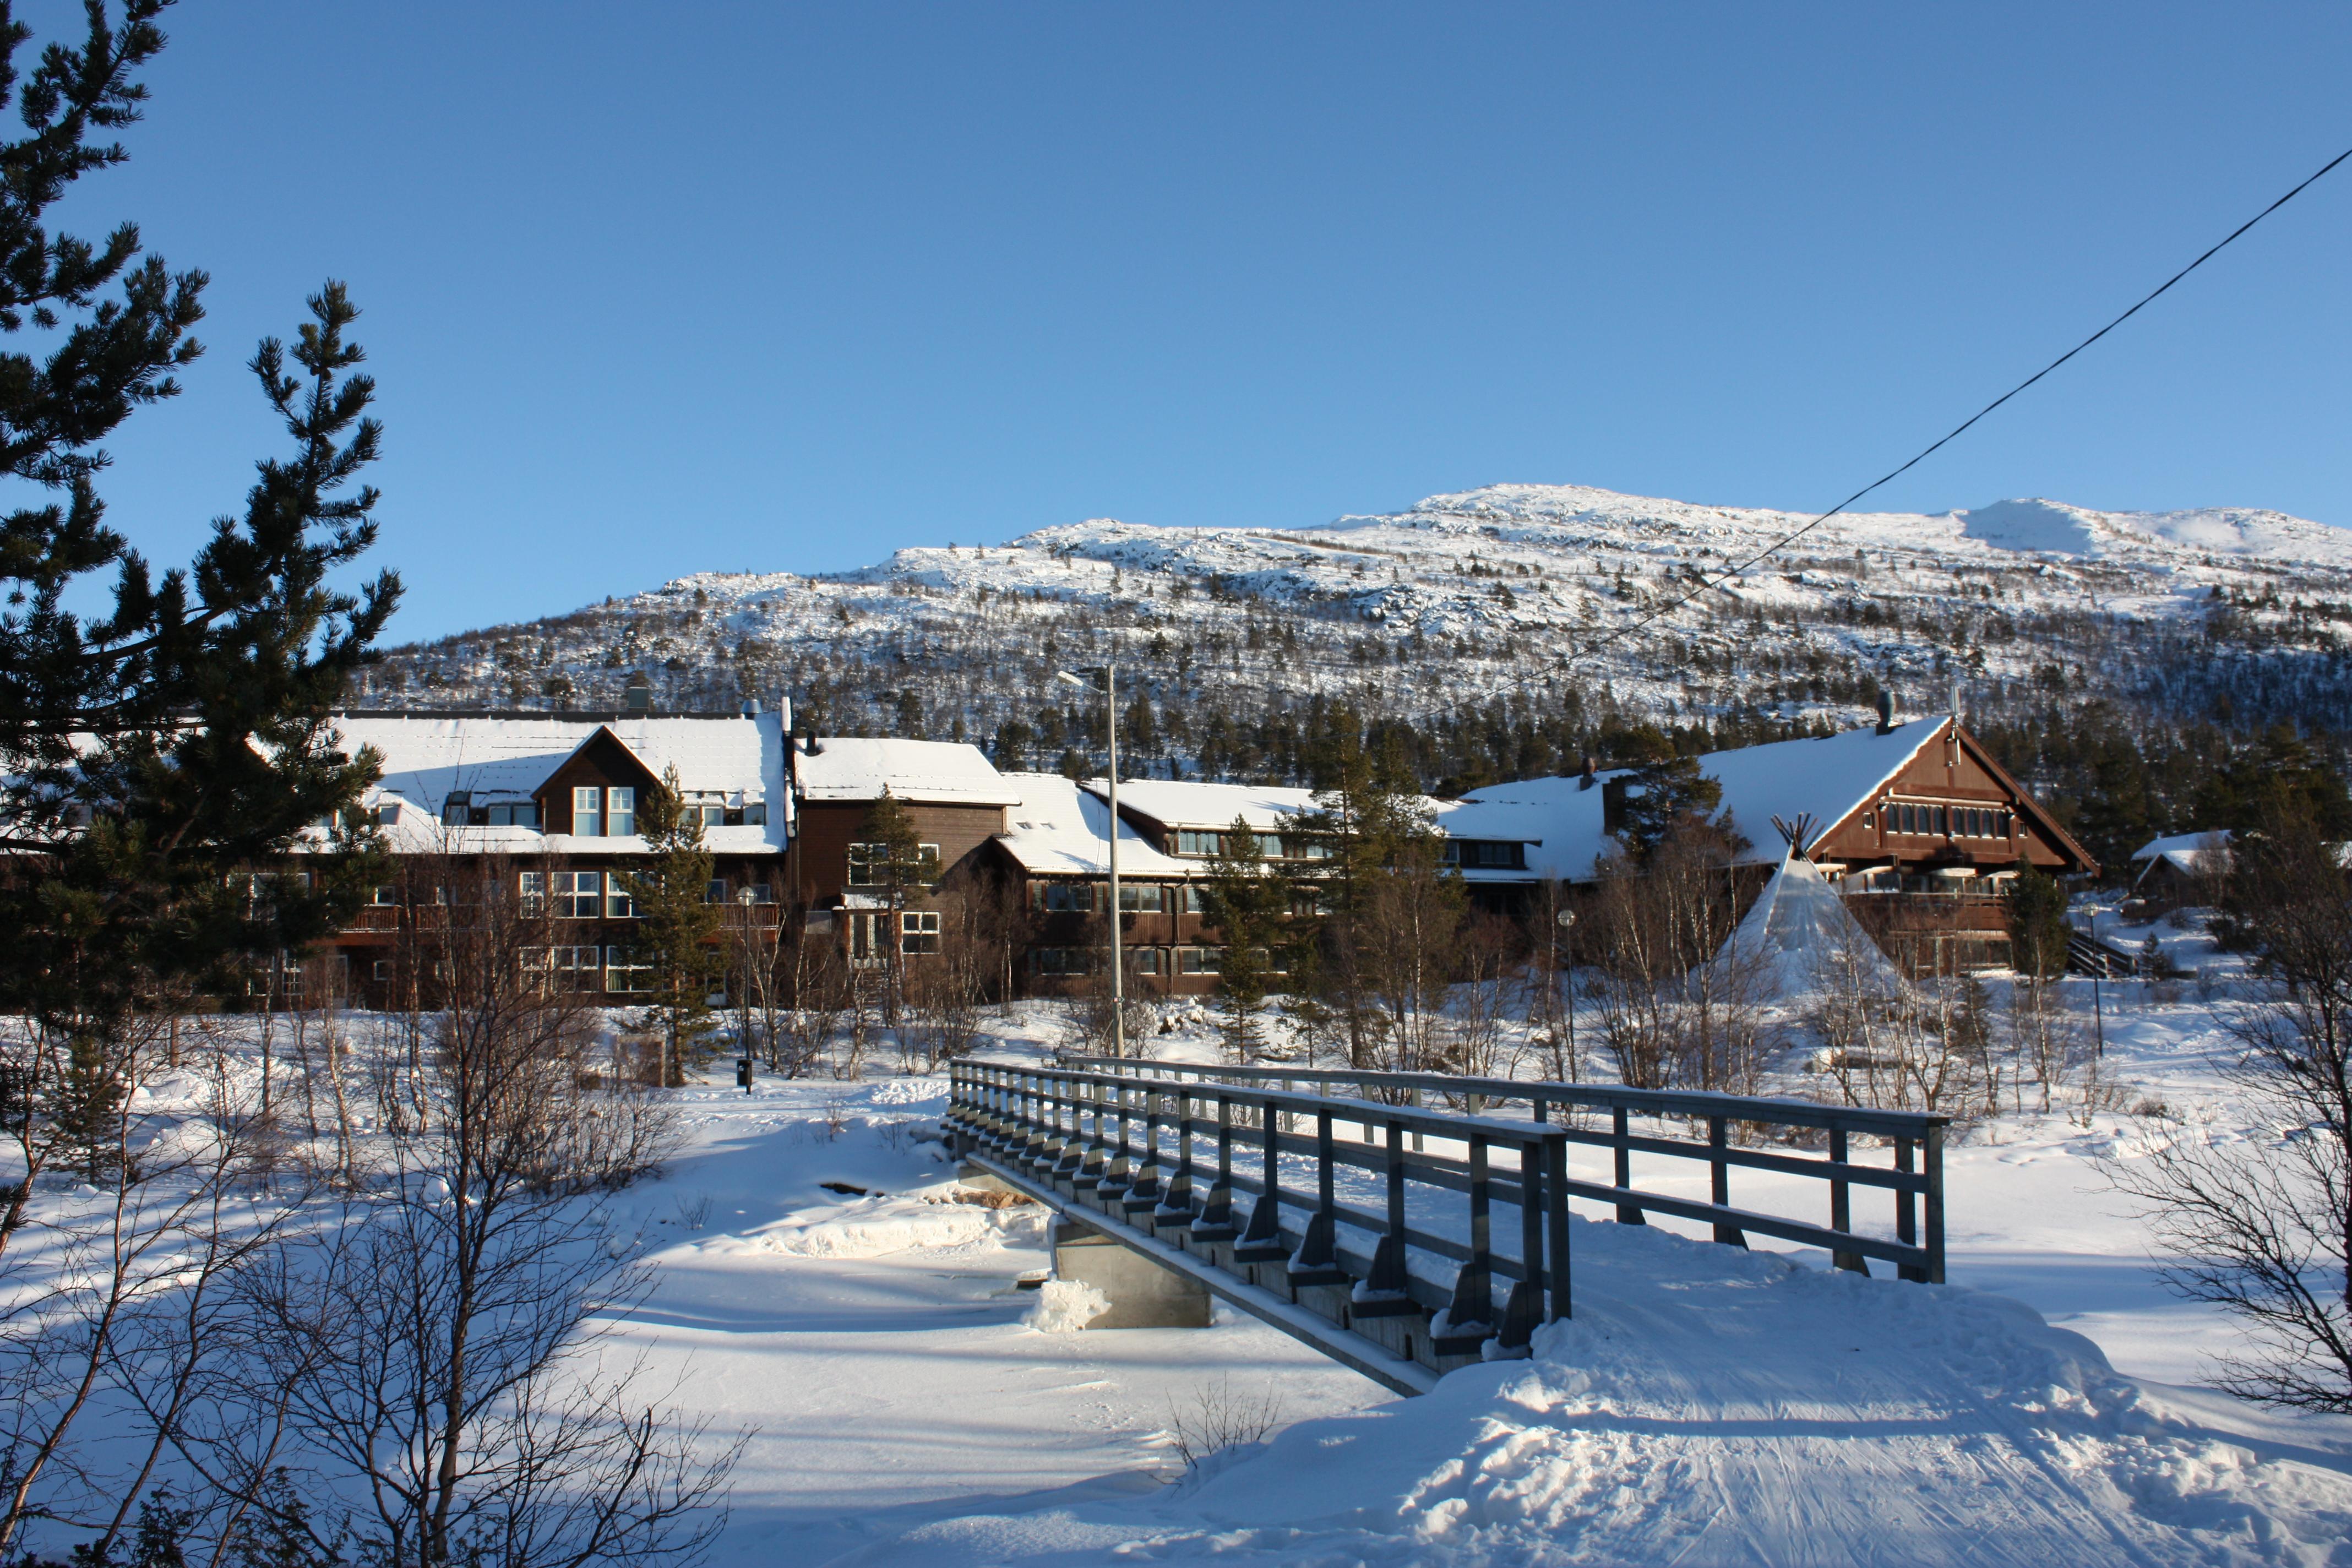 Hovdestøylen Hotel & Lodge i vinterdrakt